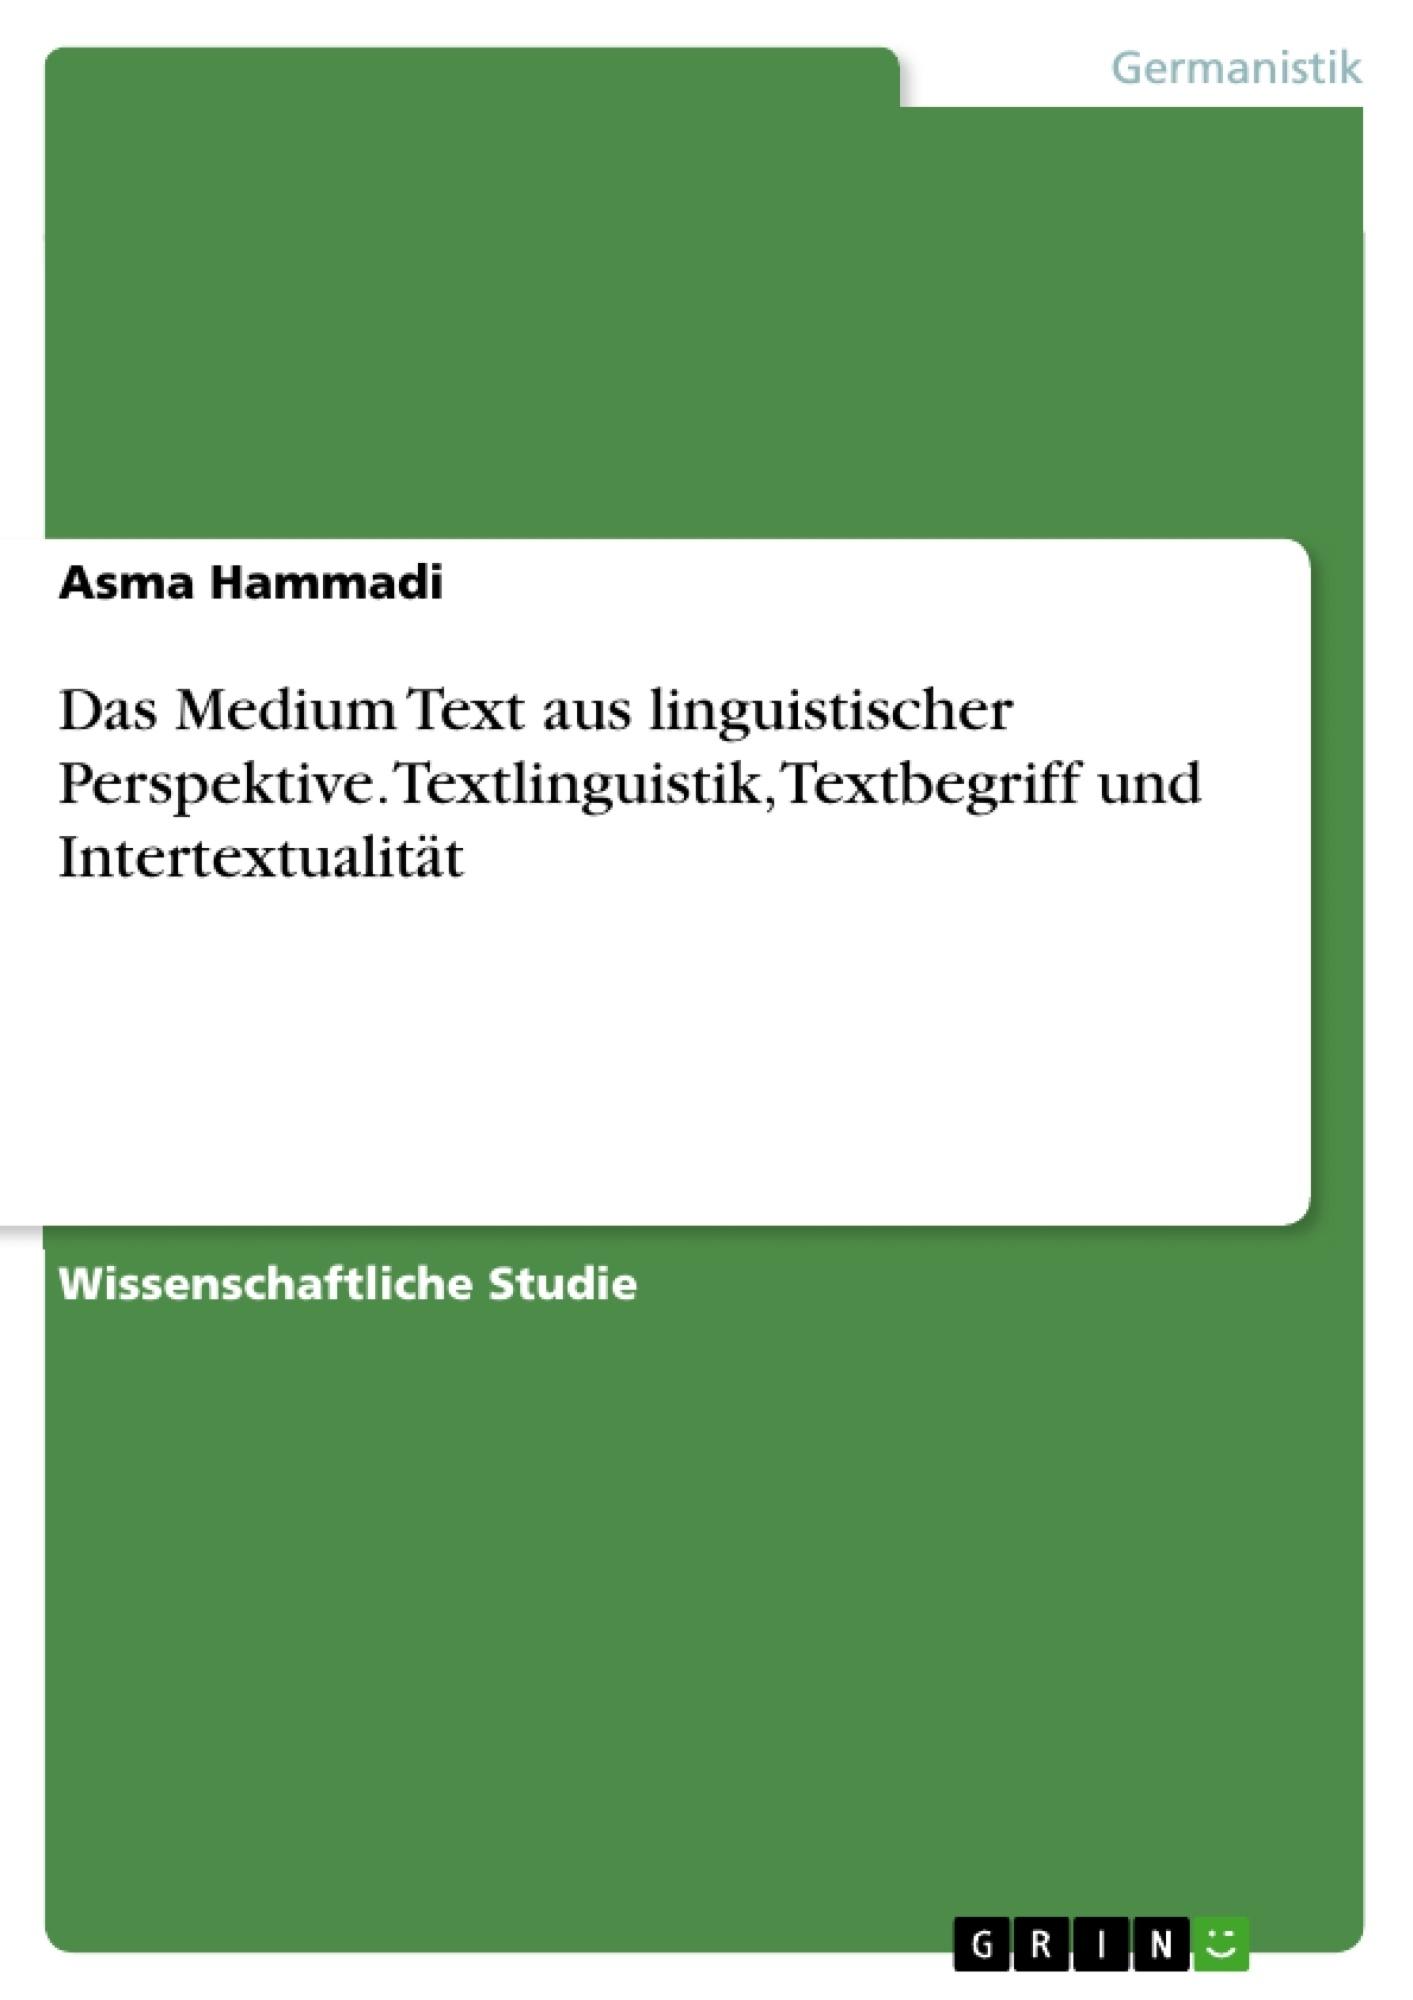 Titel: Das Medium Text aus linguistischer Perspektive. Textlinguistik, Textbegriff und Intertextualität